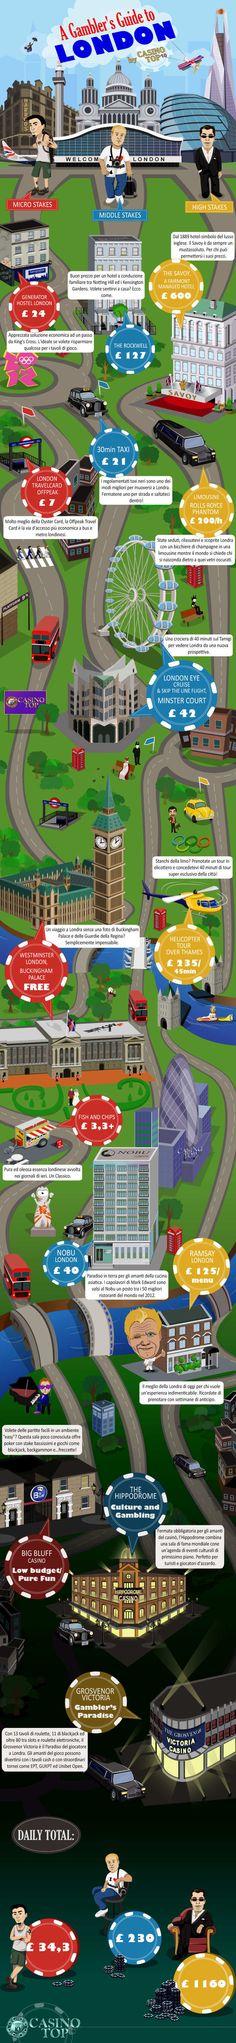 Alla scoperta di Londra, un'infografica illustra come e dove andare a giocare.